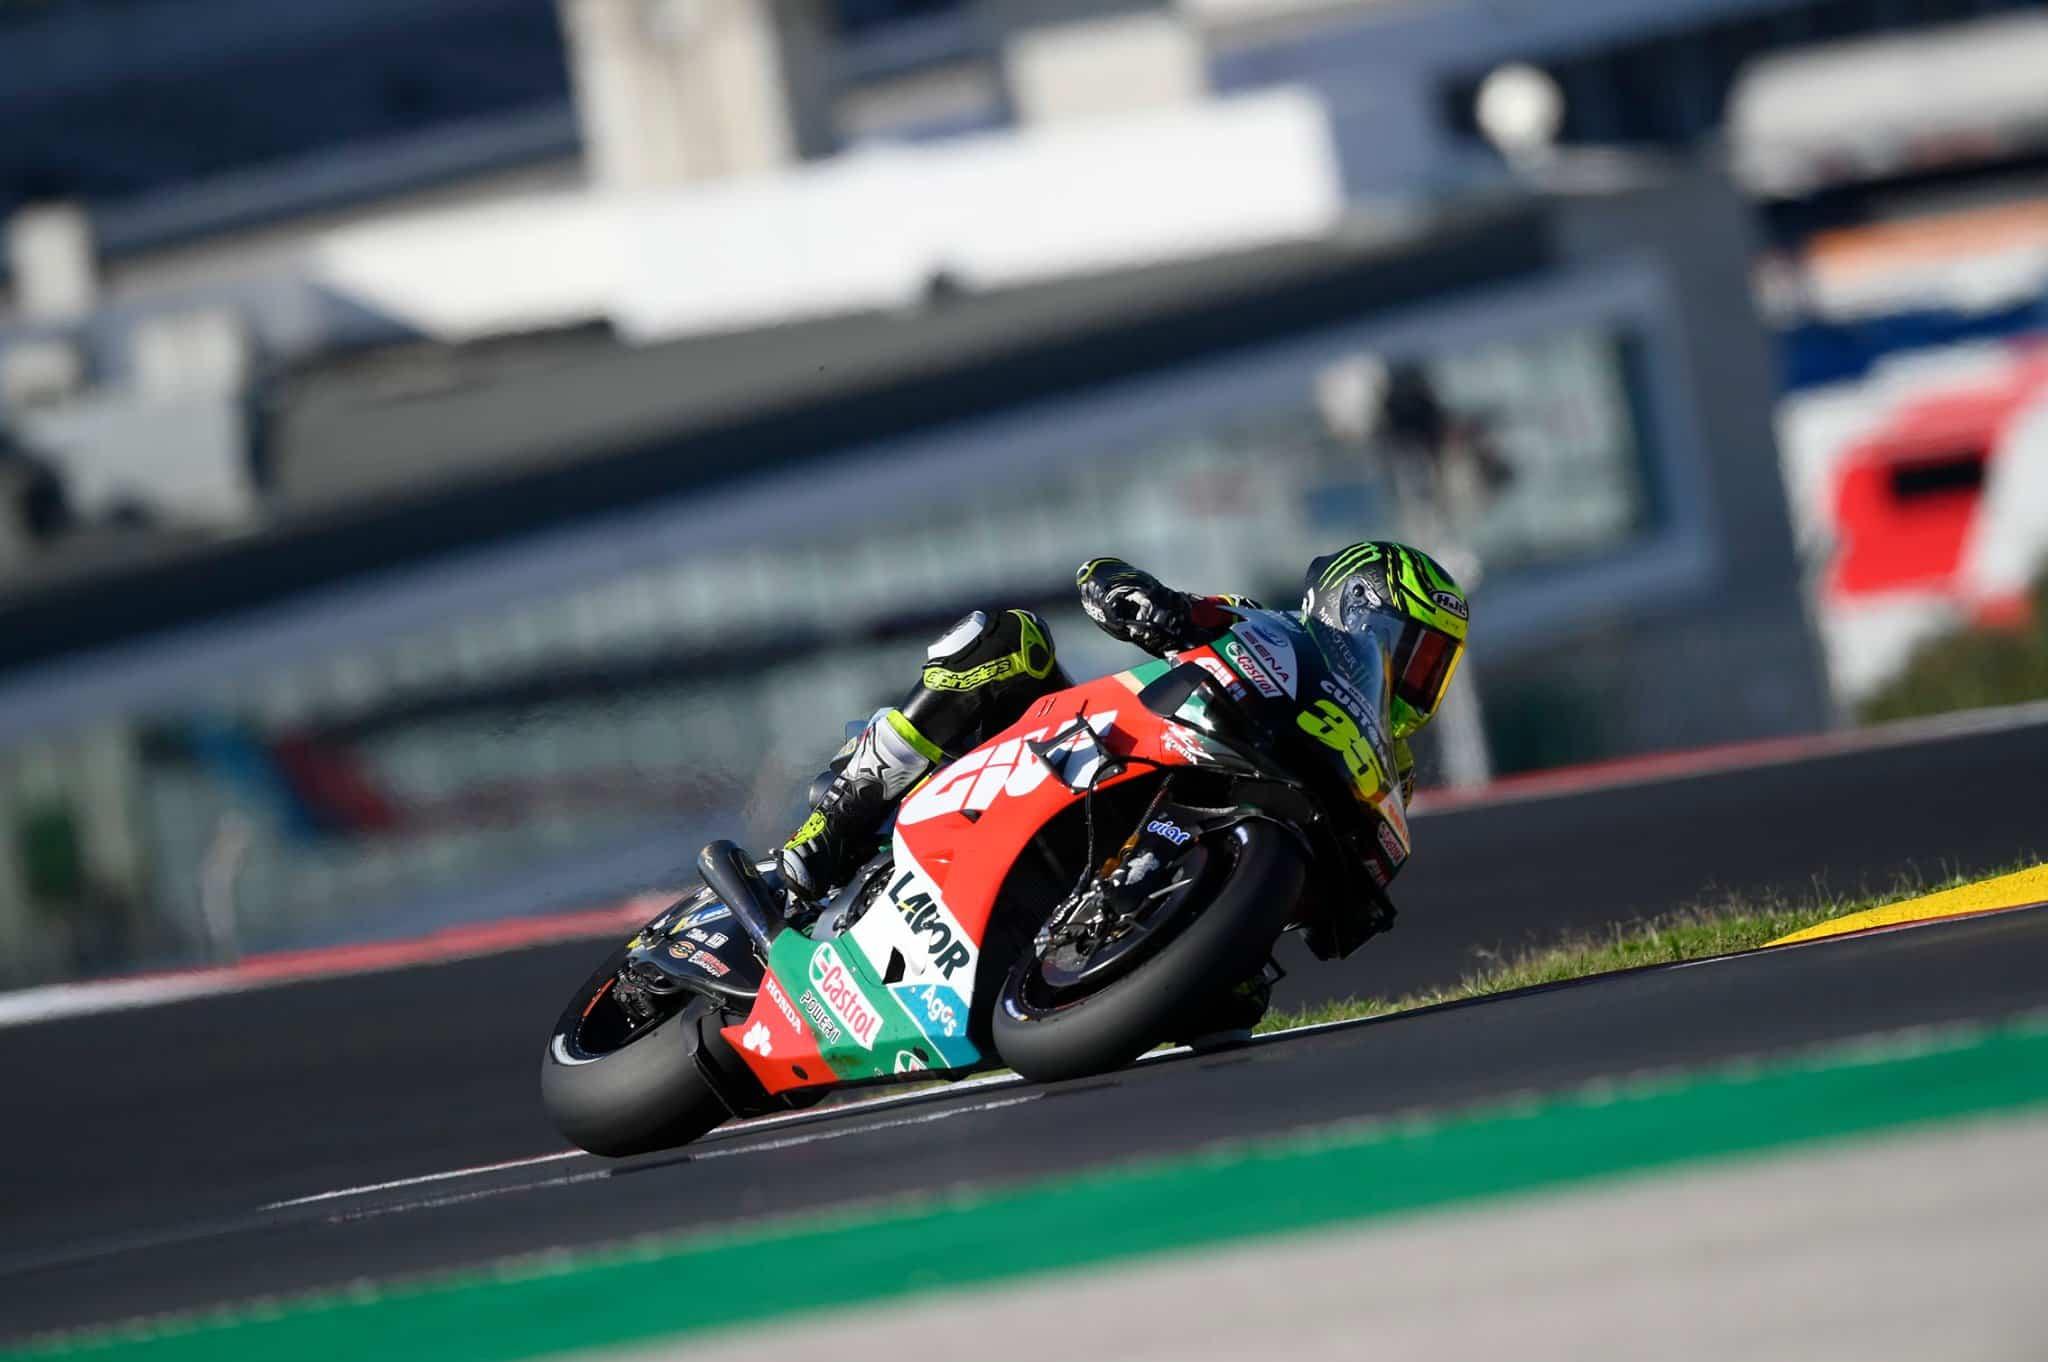 ポルトガルGP 予選4位カル・クラッチロー「予選3番手が獲得出来るかと思っていた」